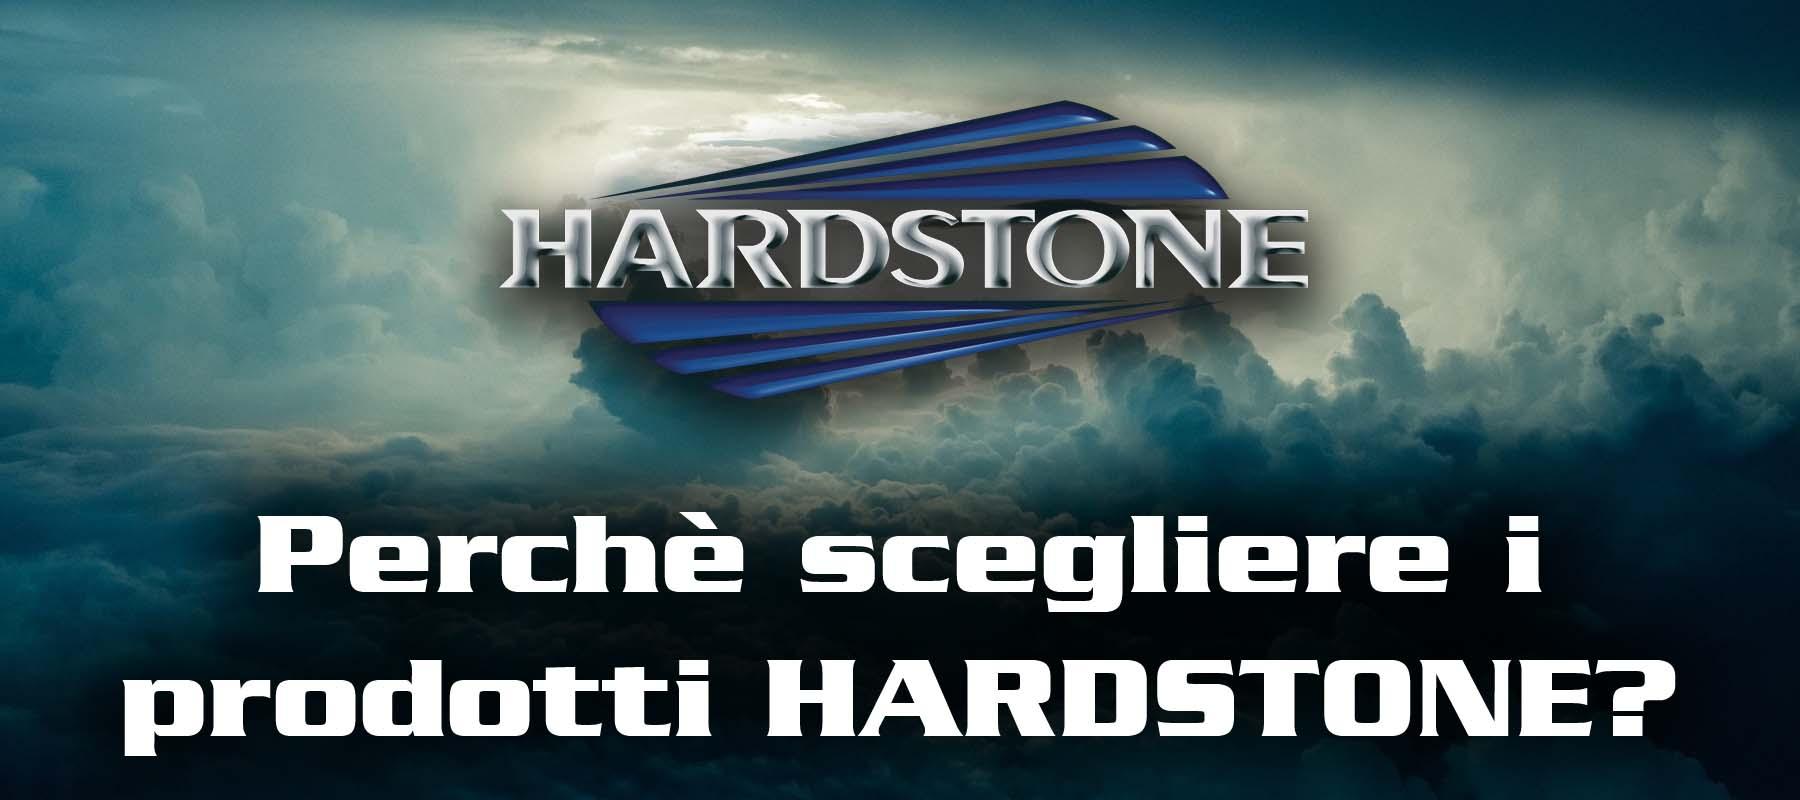 SCELTA PRODOTTI HARDSTONE